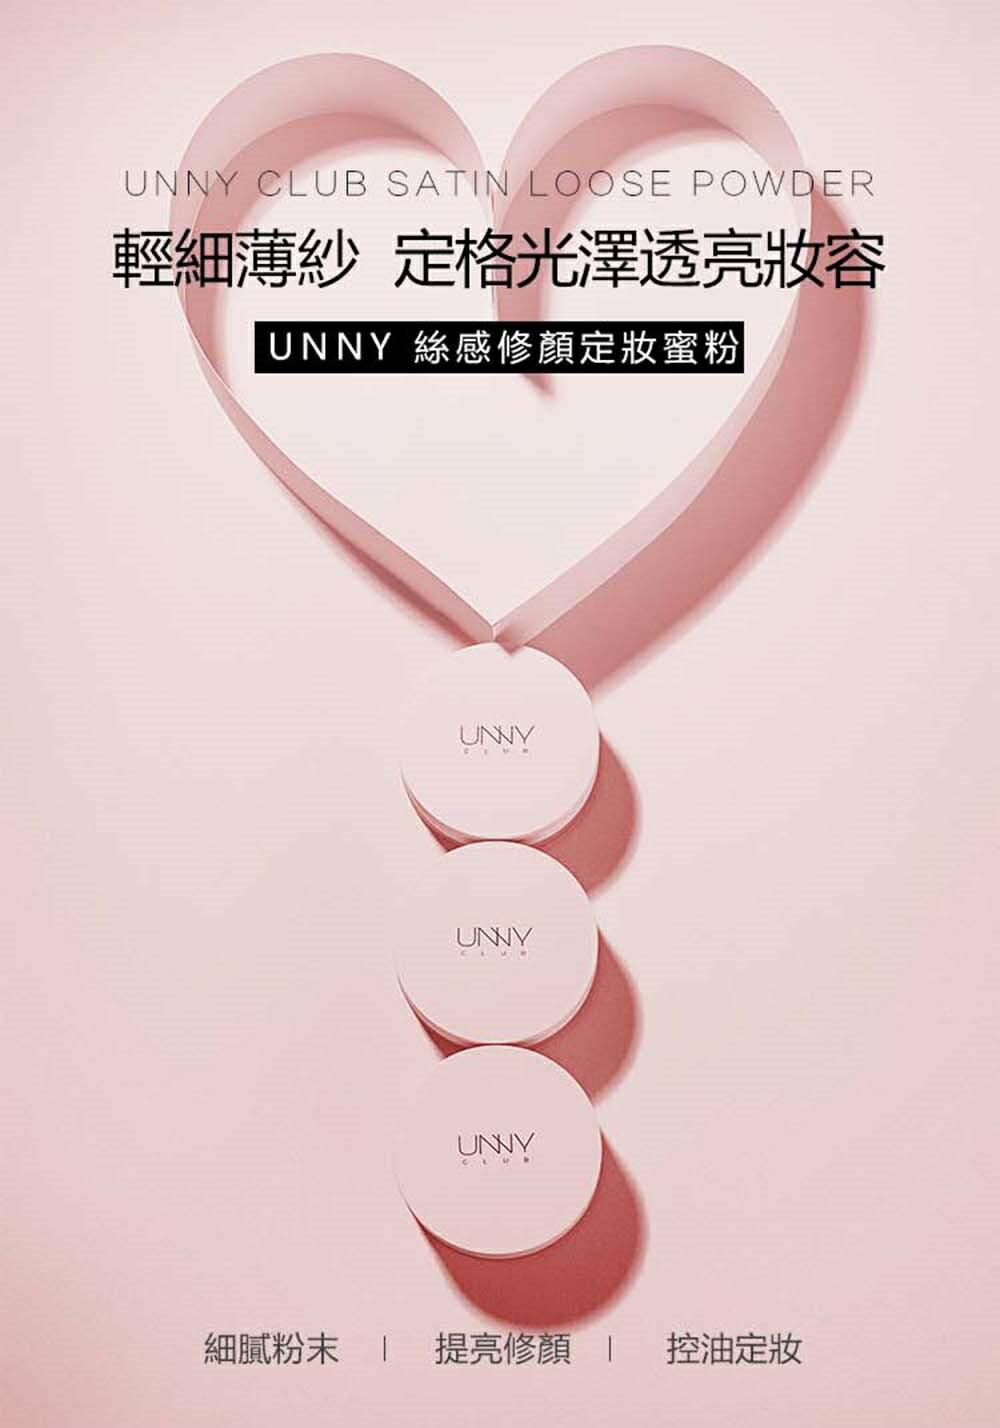 UNNY絲感修顏定妝蜜粉 控油蜜粉12g